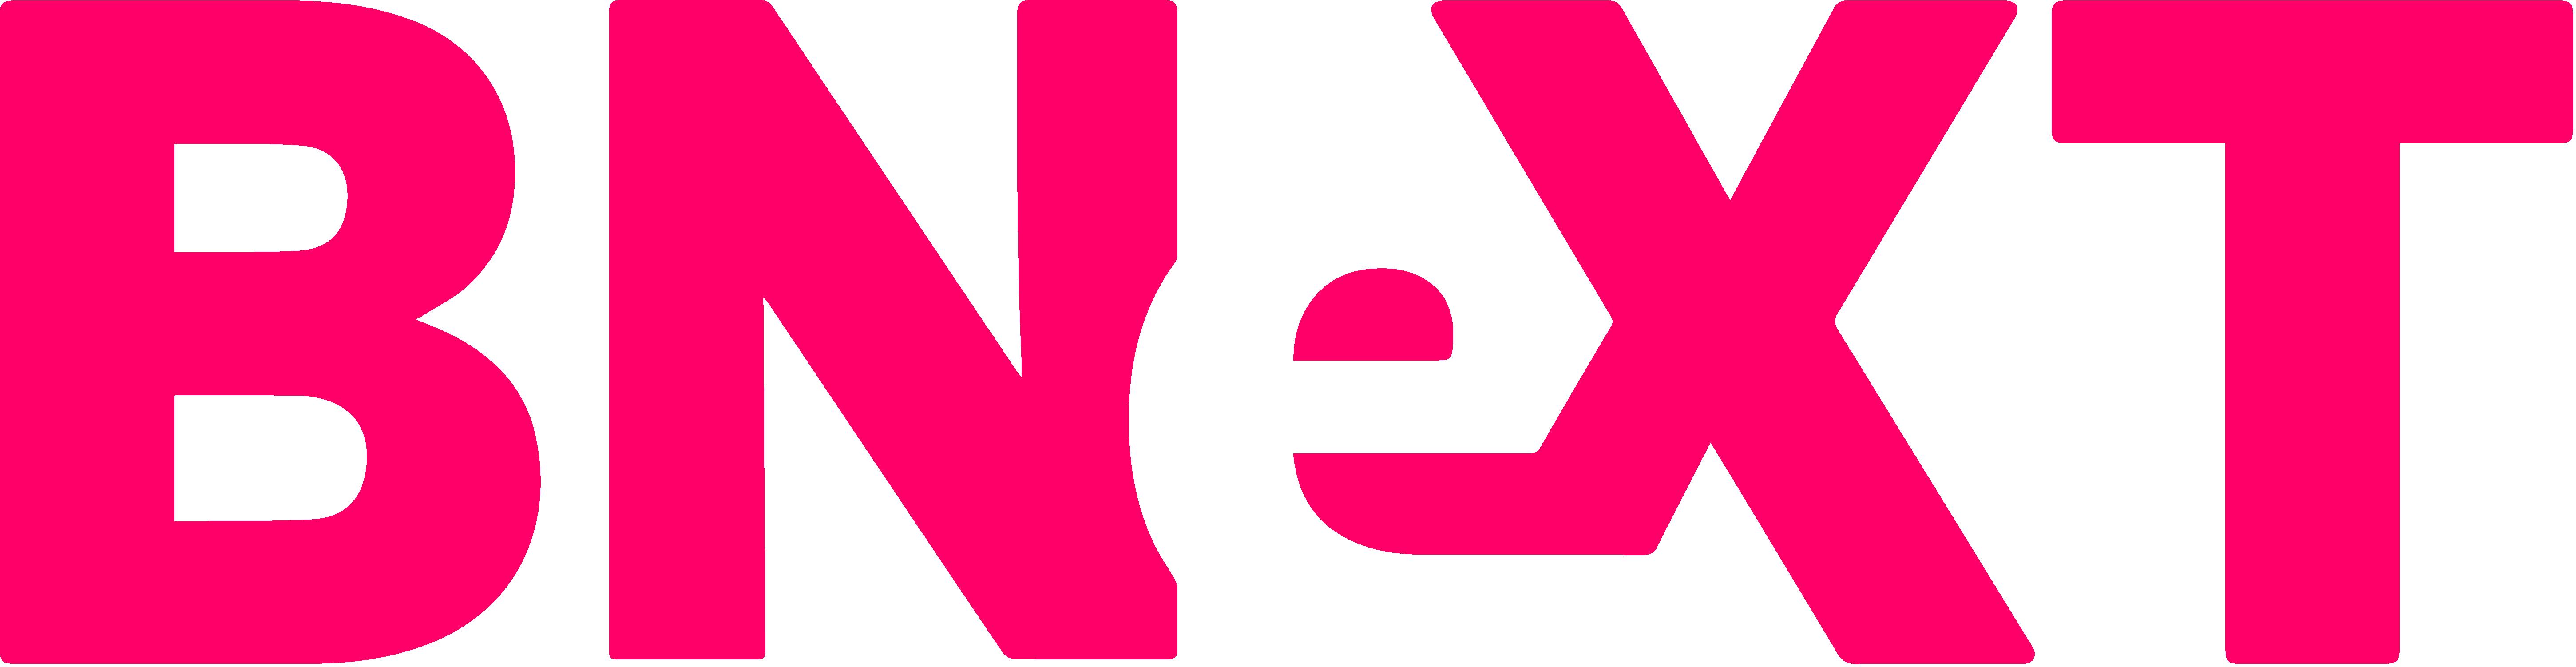 Resultado de imagen de bnext